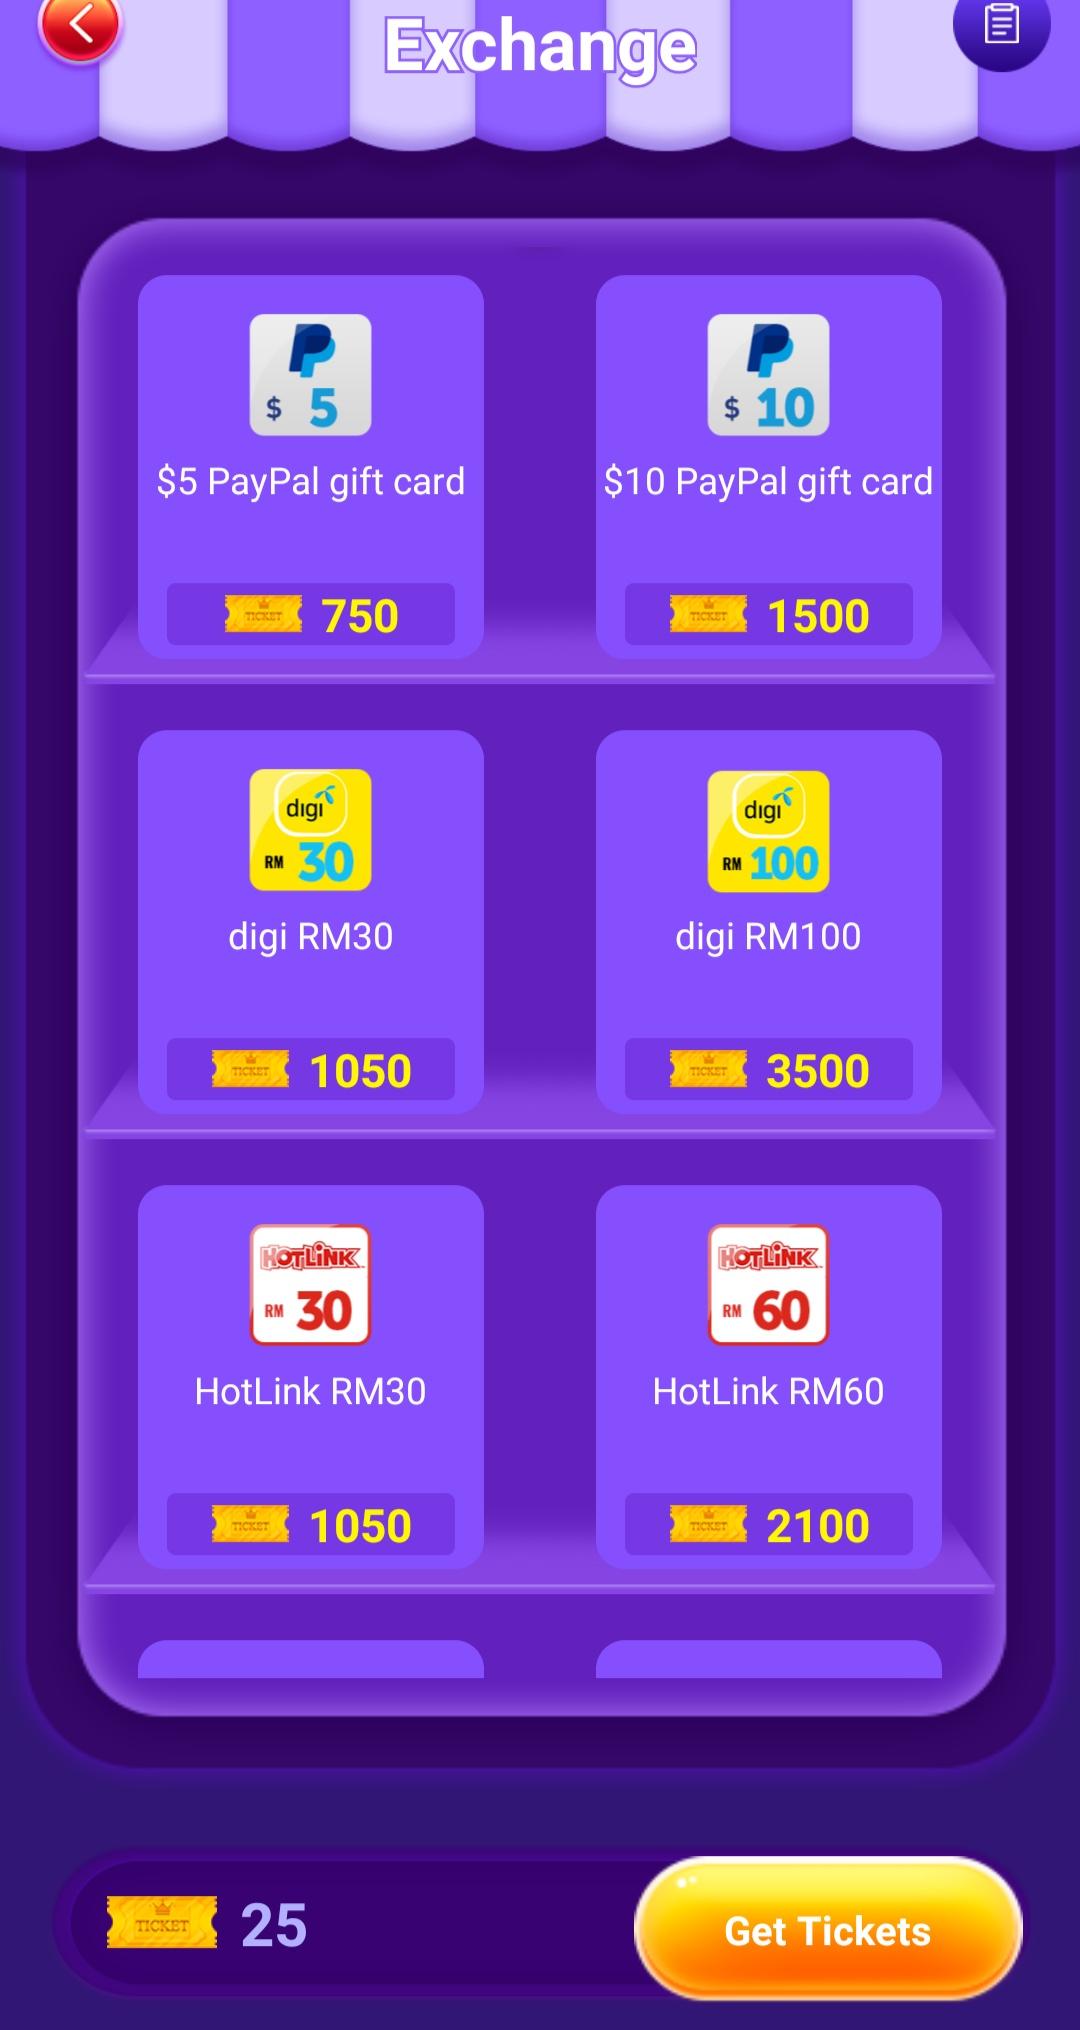 Goalon-app-exchange